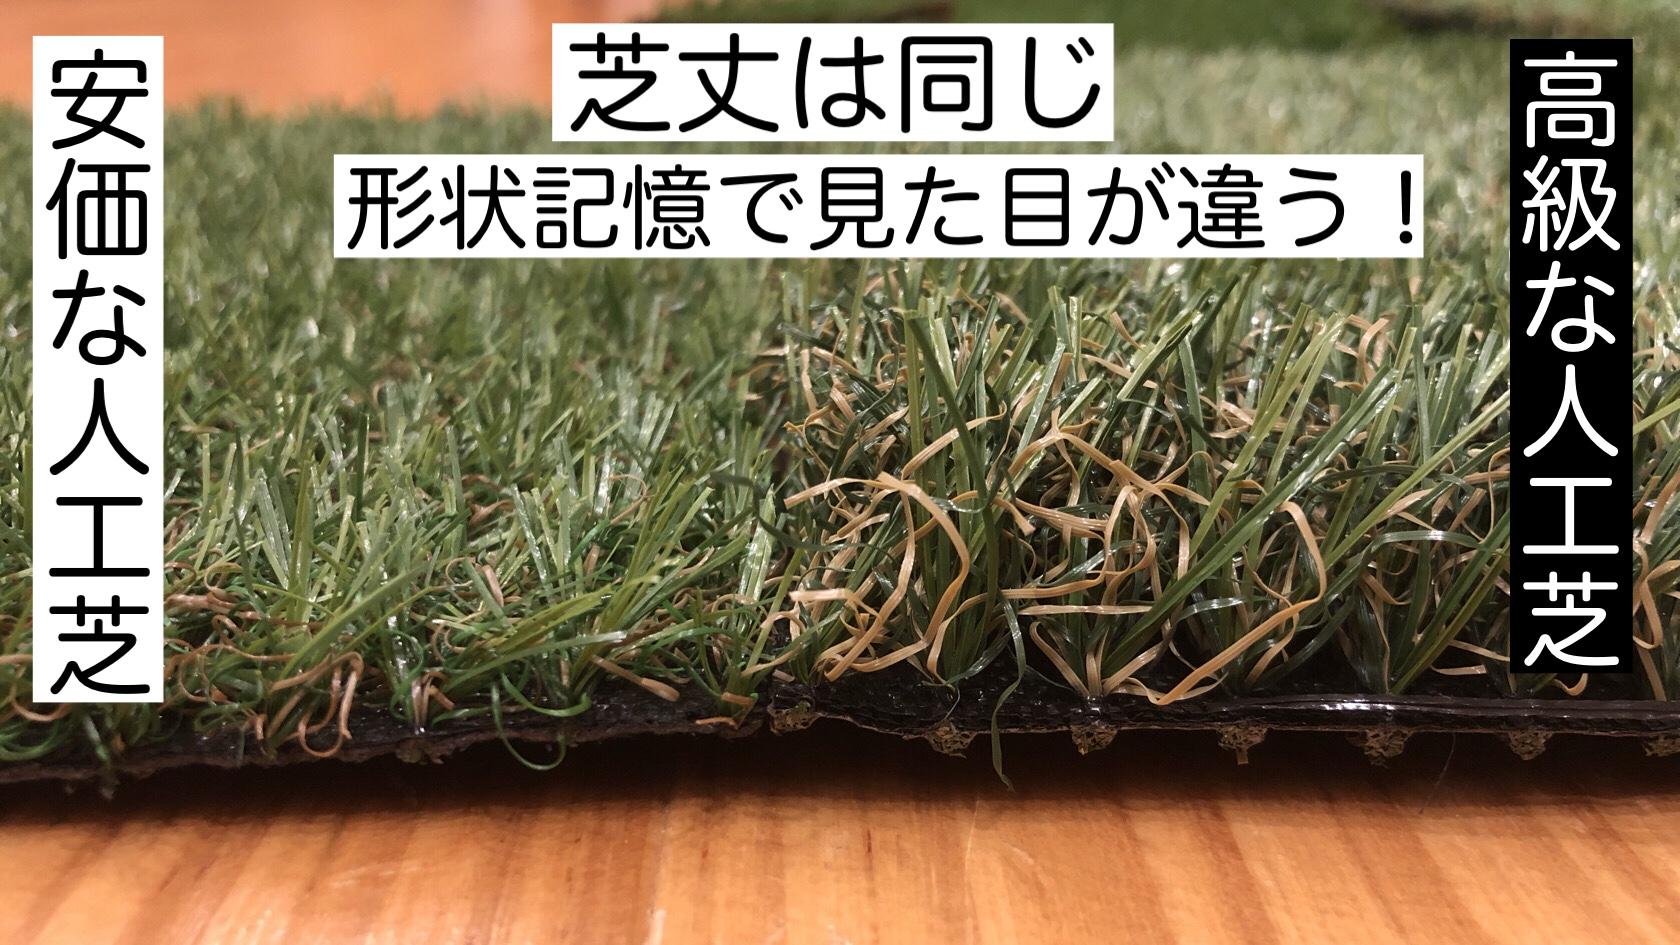 格安な人工芝と高額な人工芝の違い